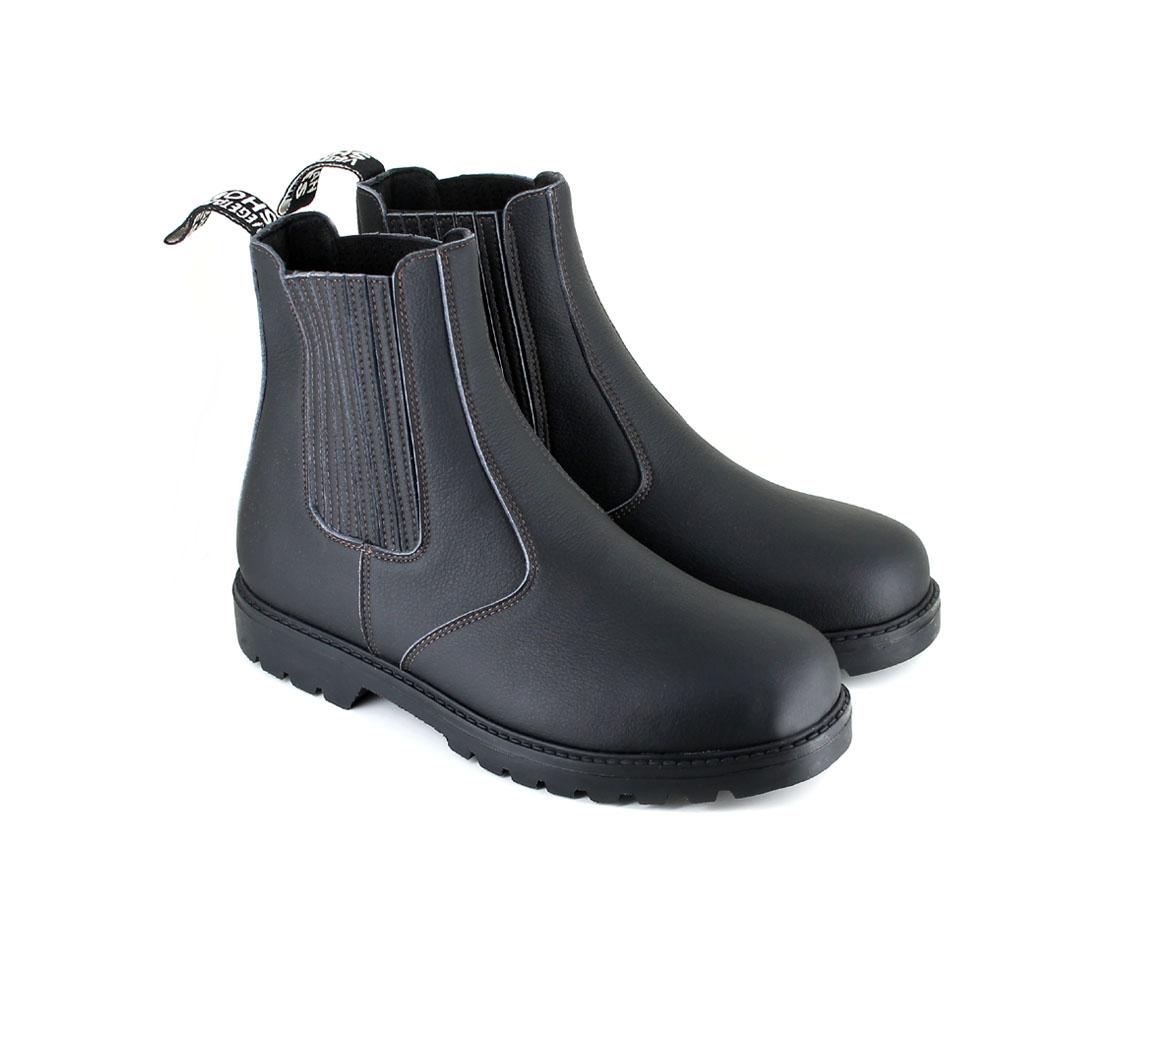 Chaussure Gobi 2 Boot